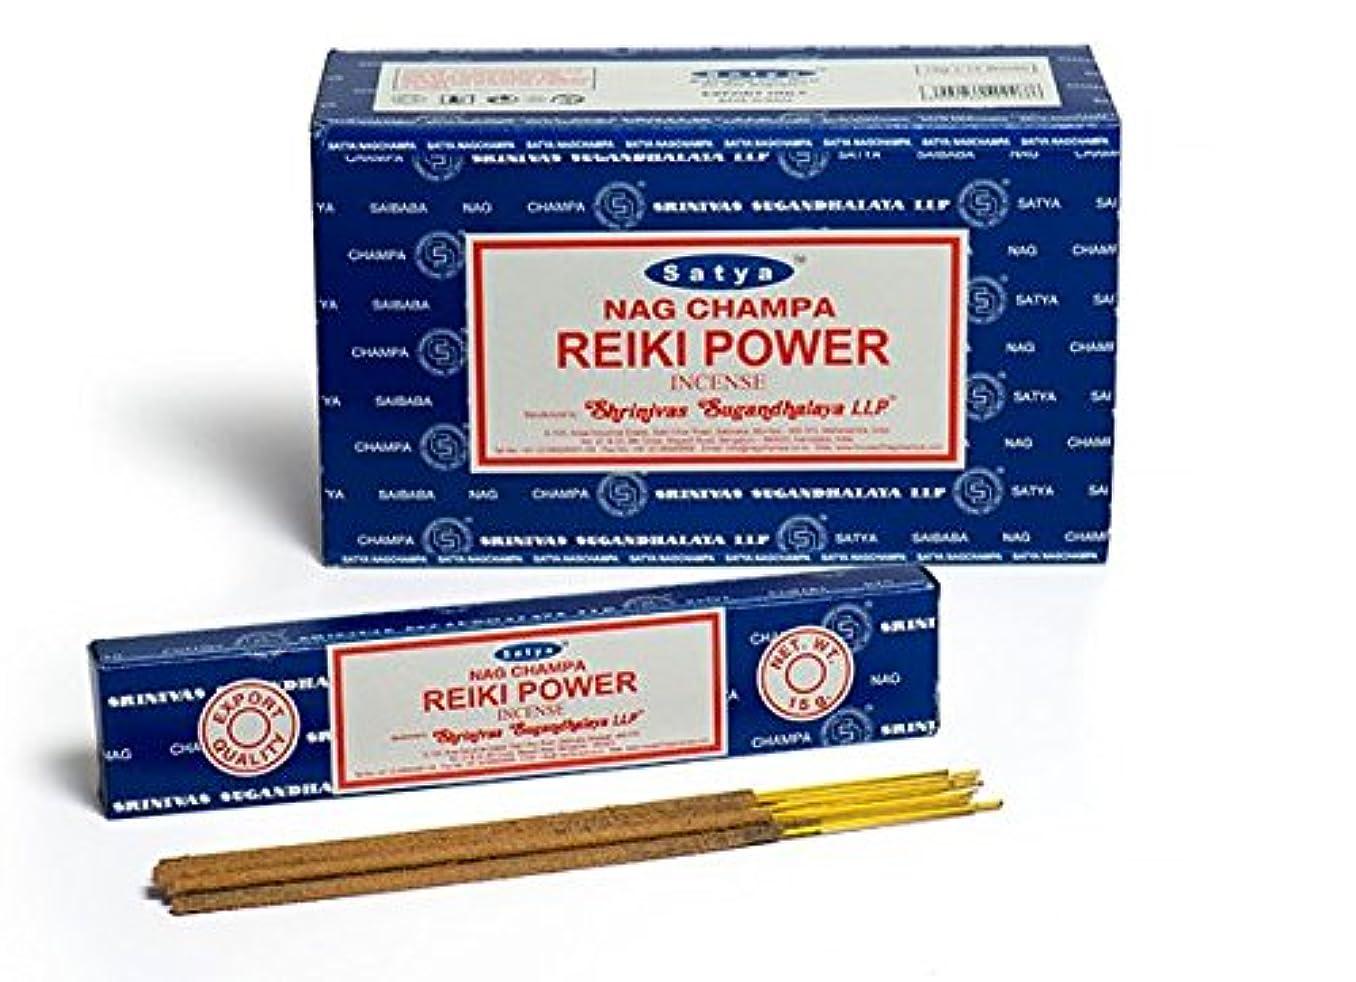 批判的に教師の日模倣Satya Nag Champa Reiki Power お香スティック Agarbatti 180グラムボックス | 15グラム入り12パック 箱入り | 輸出品質